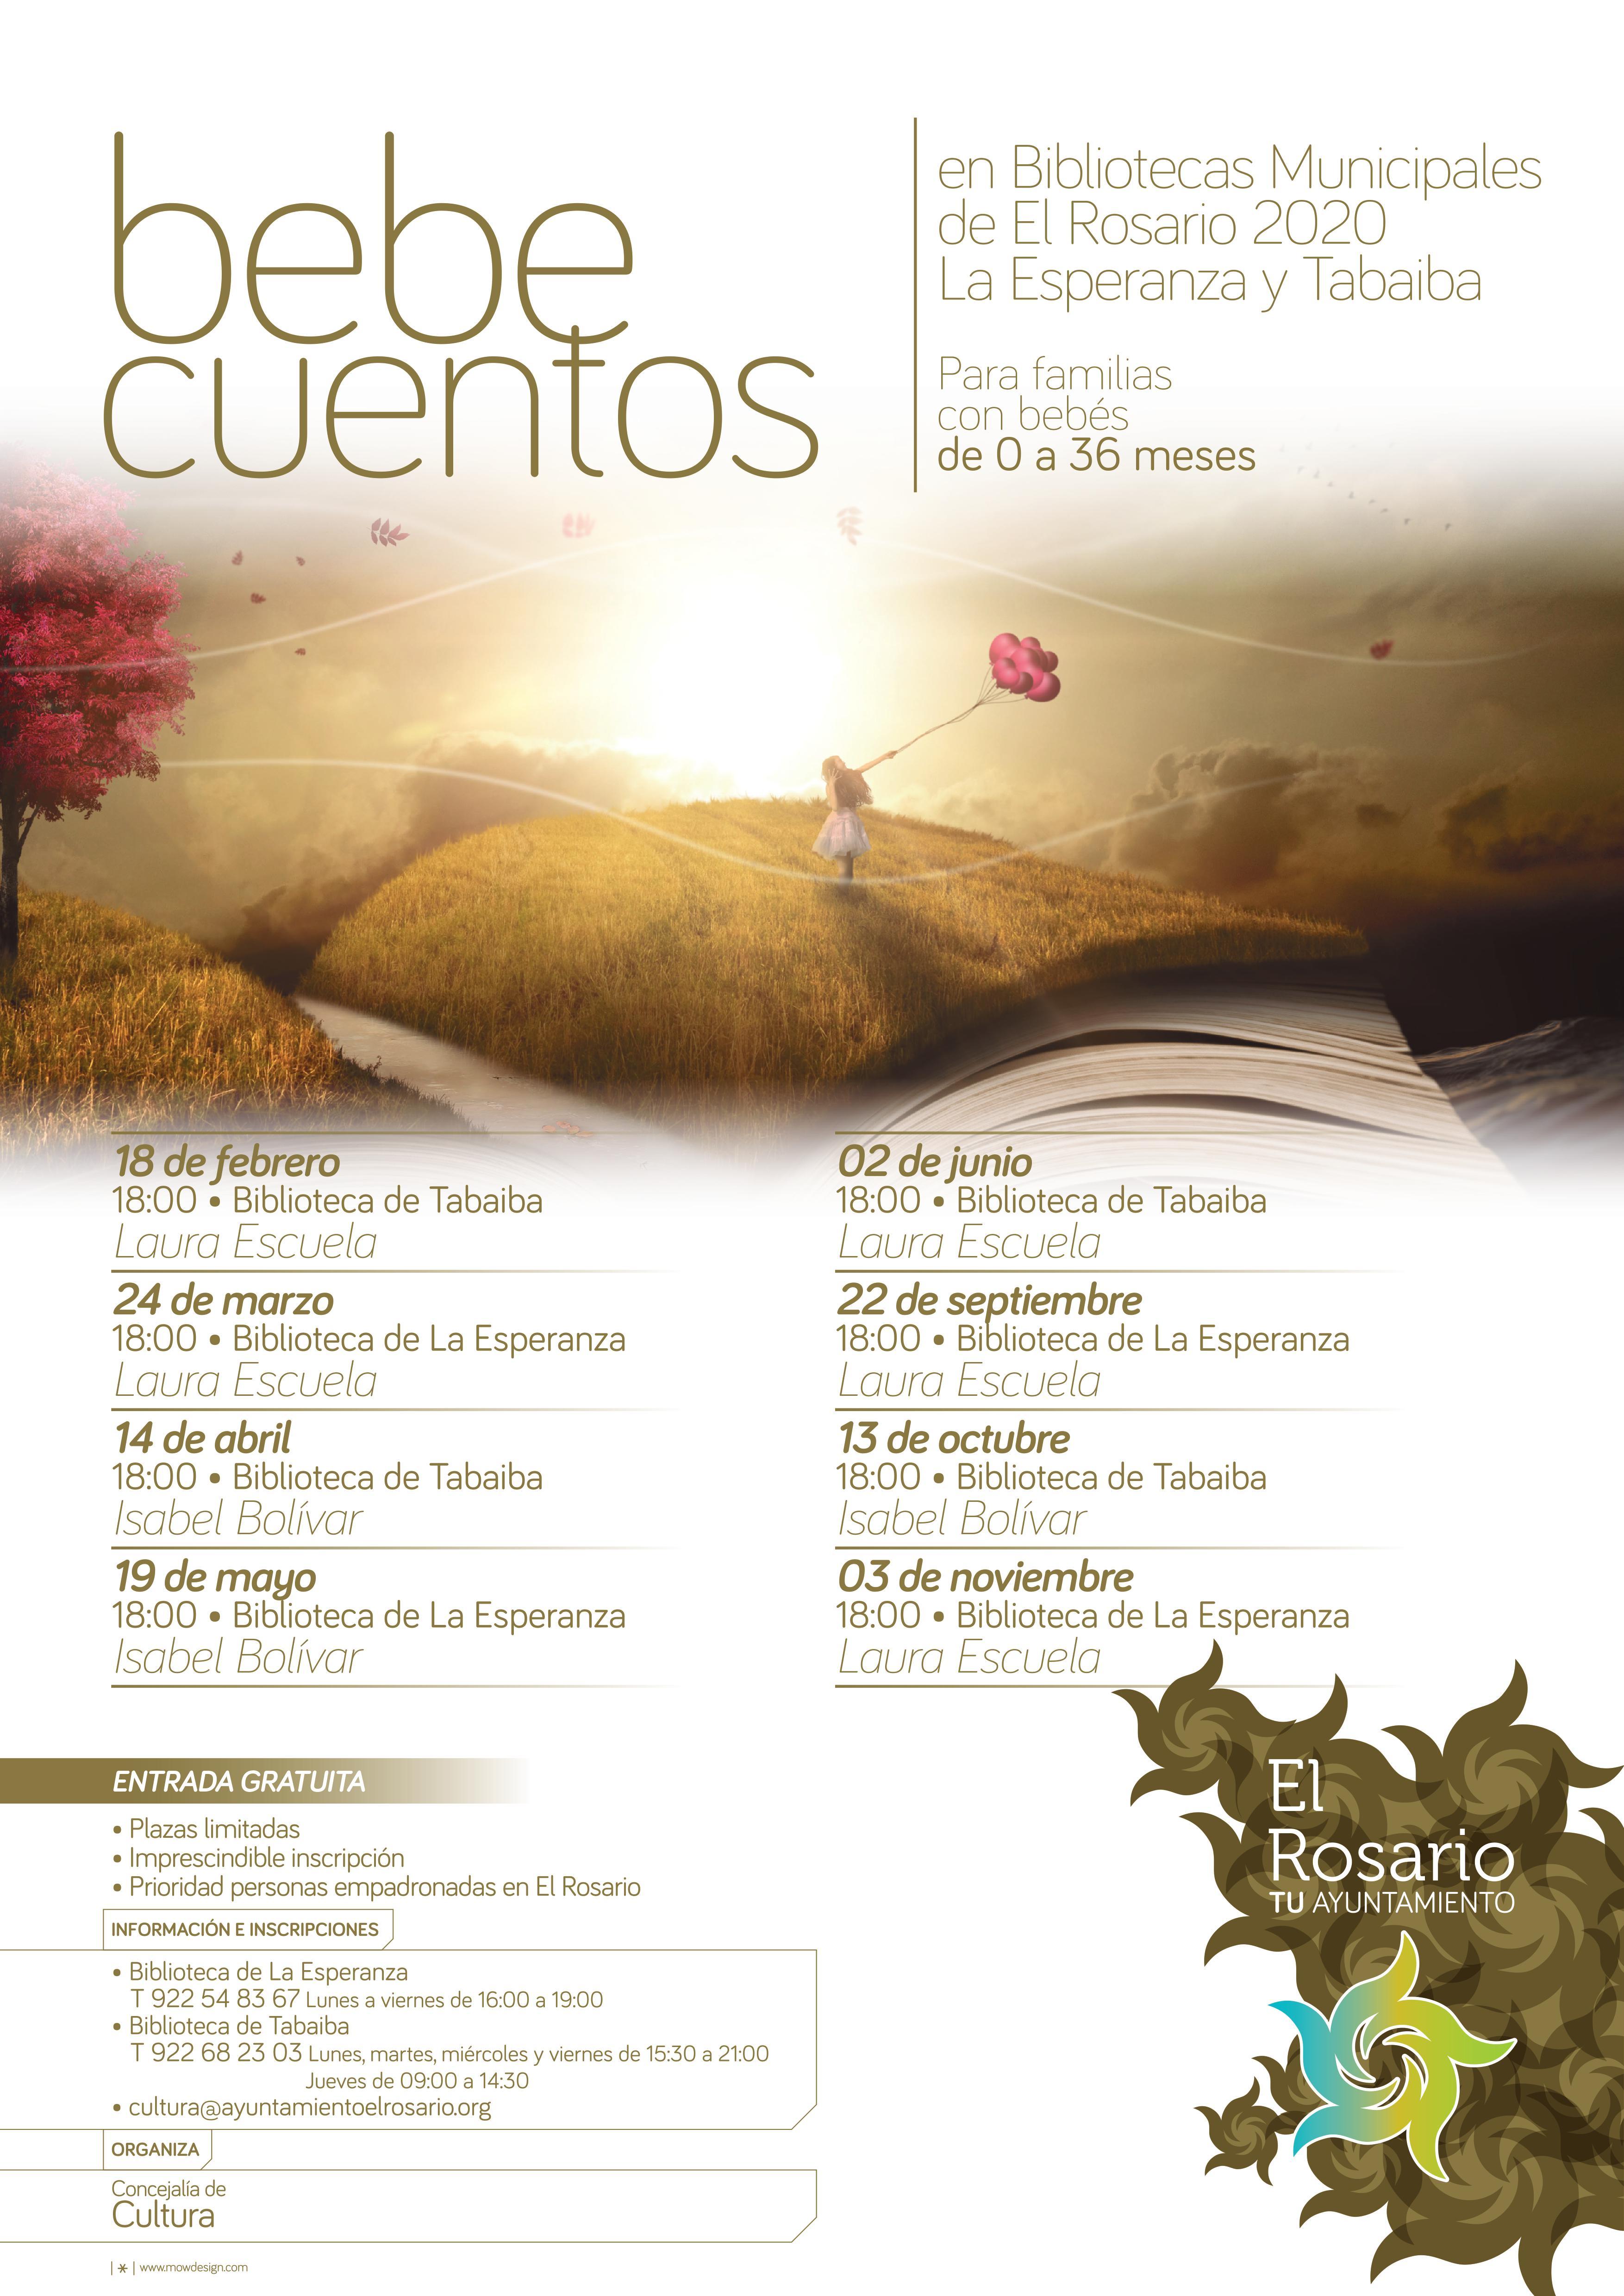 BEBECUENTOS-GENERAL-20200218-CARTEL_A3-20200210-01af